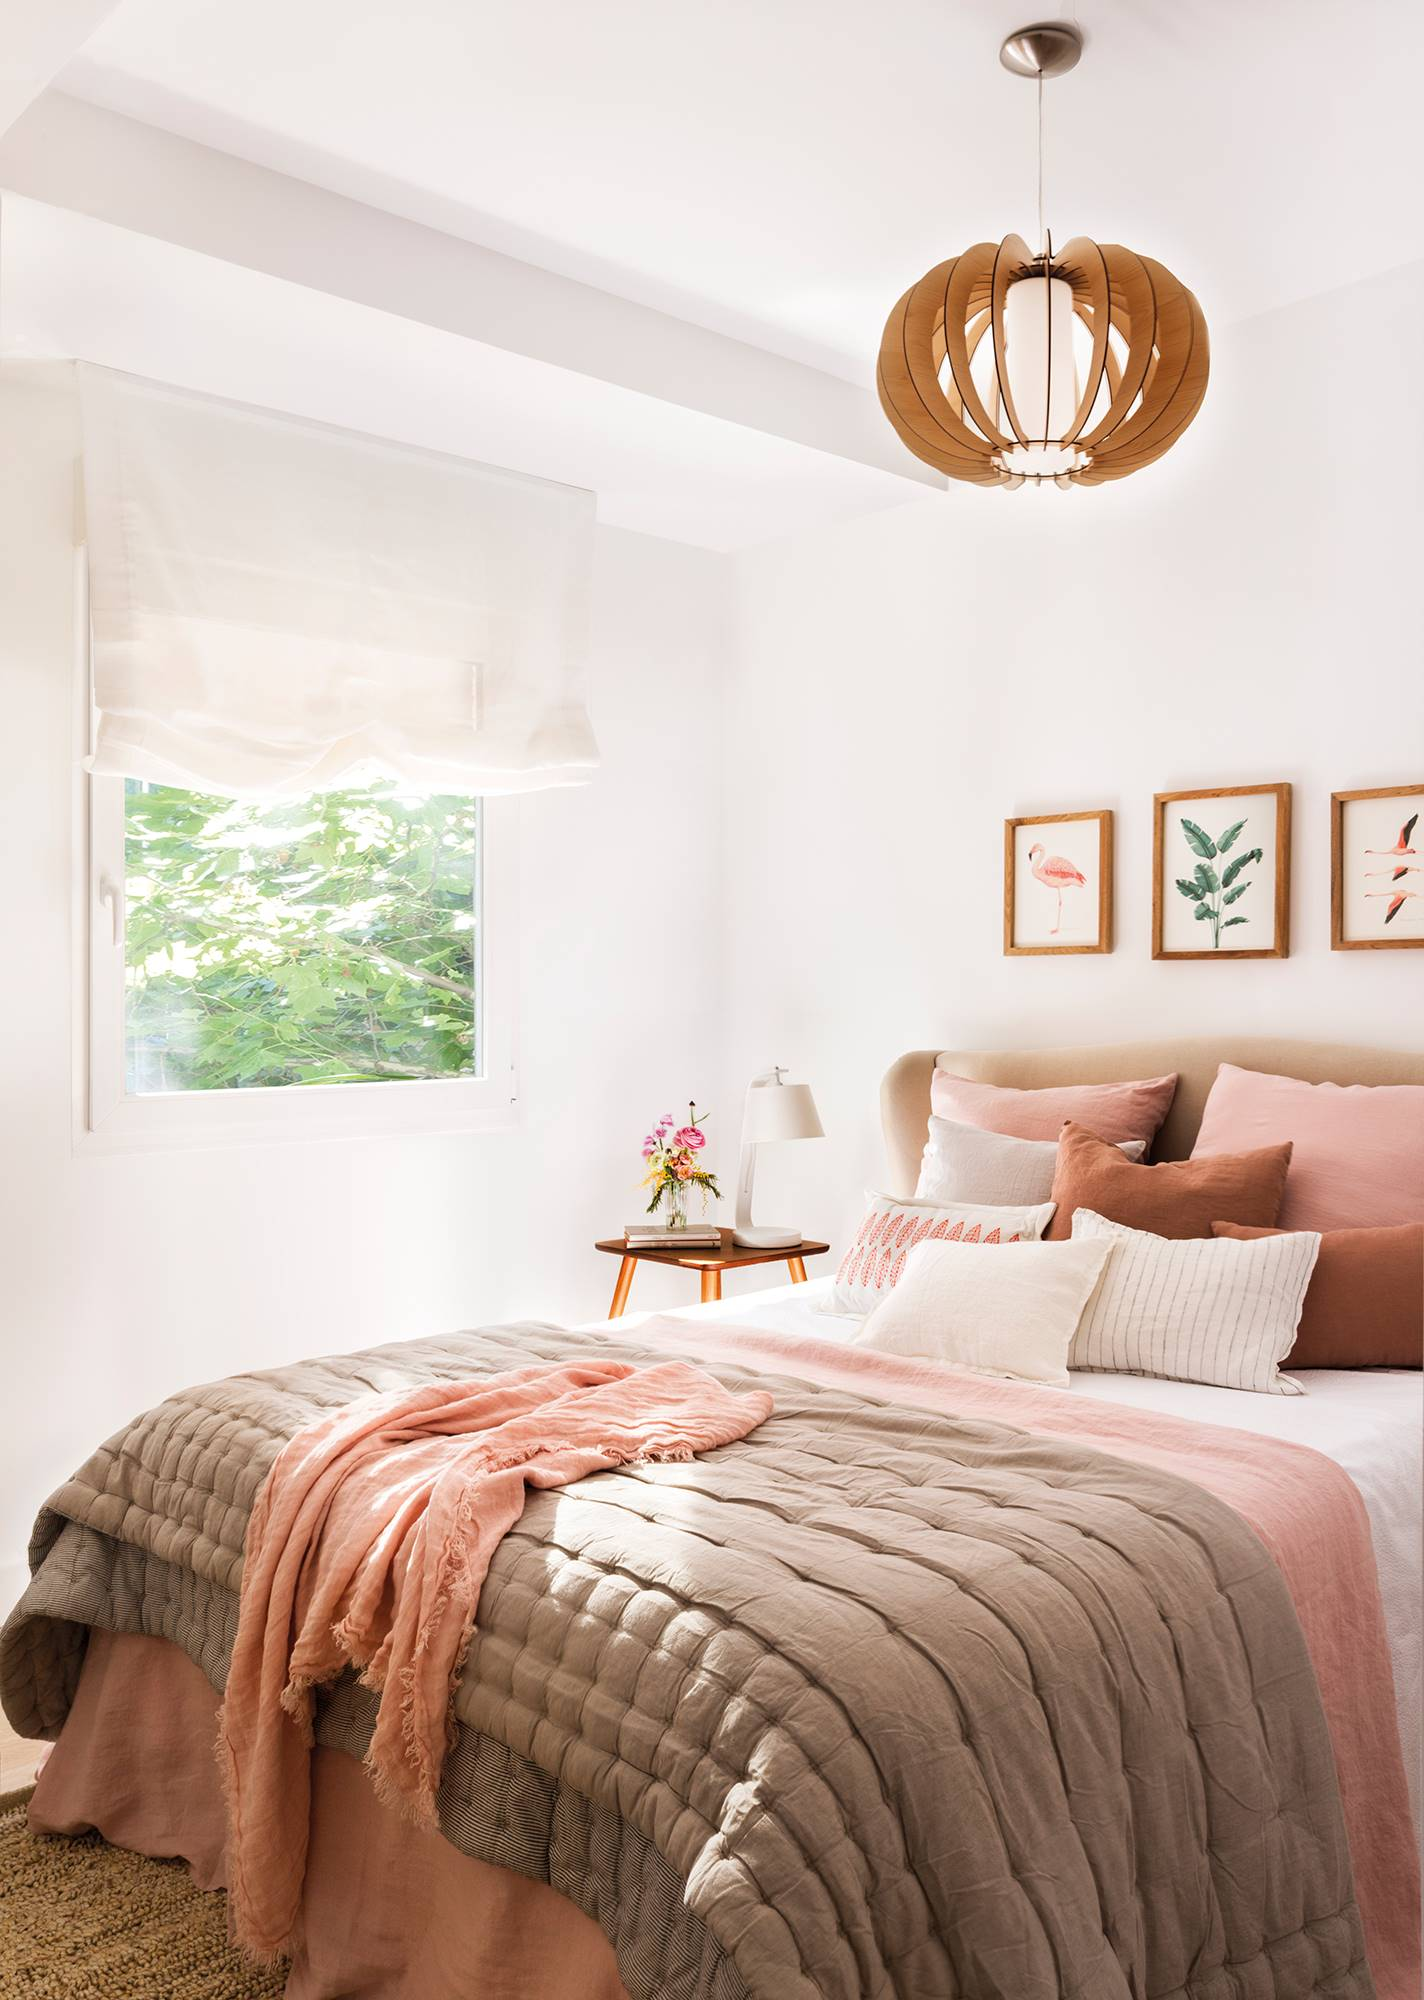 Camas el mueble for Accesorios para hoteles